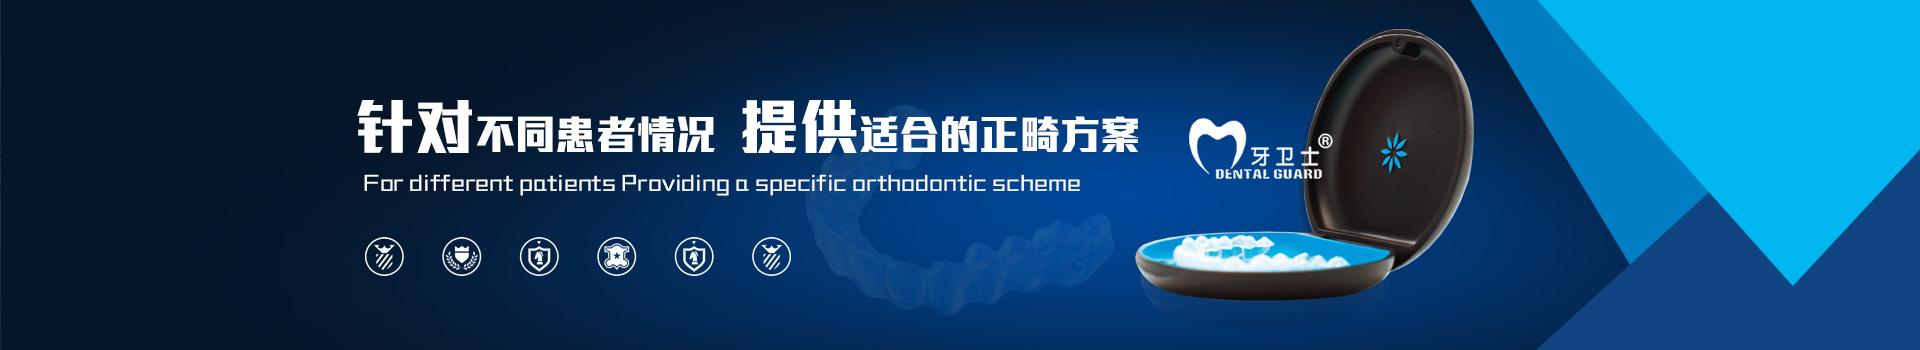 牙卫士-针对不同患者情况,提供专引正畸方案